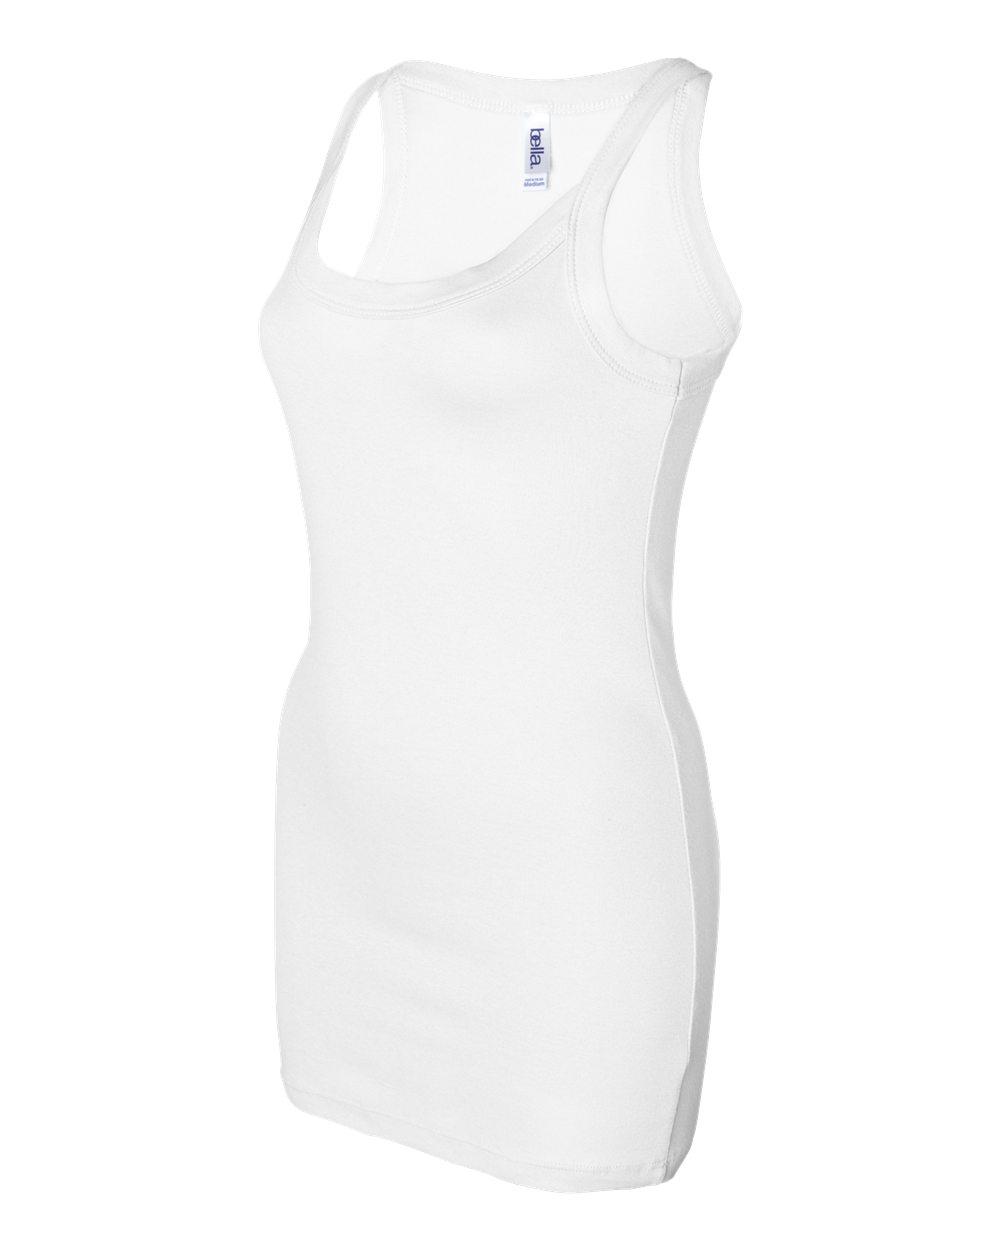 Bella 8711 White